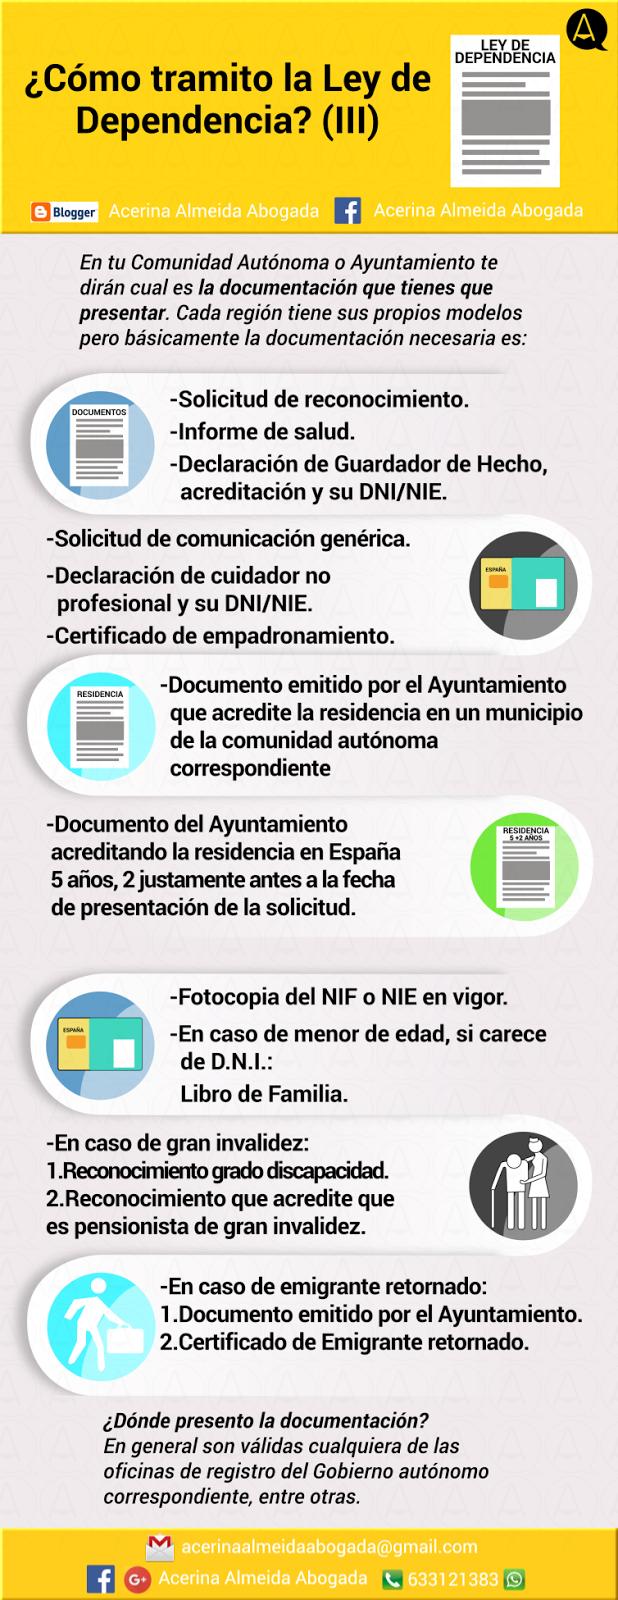 Infografía con todos los trámites necesarios para obtener la Ley de Dependencia.